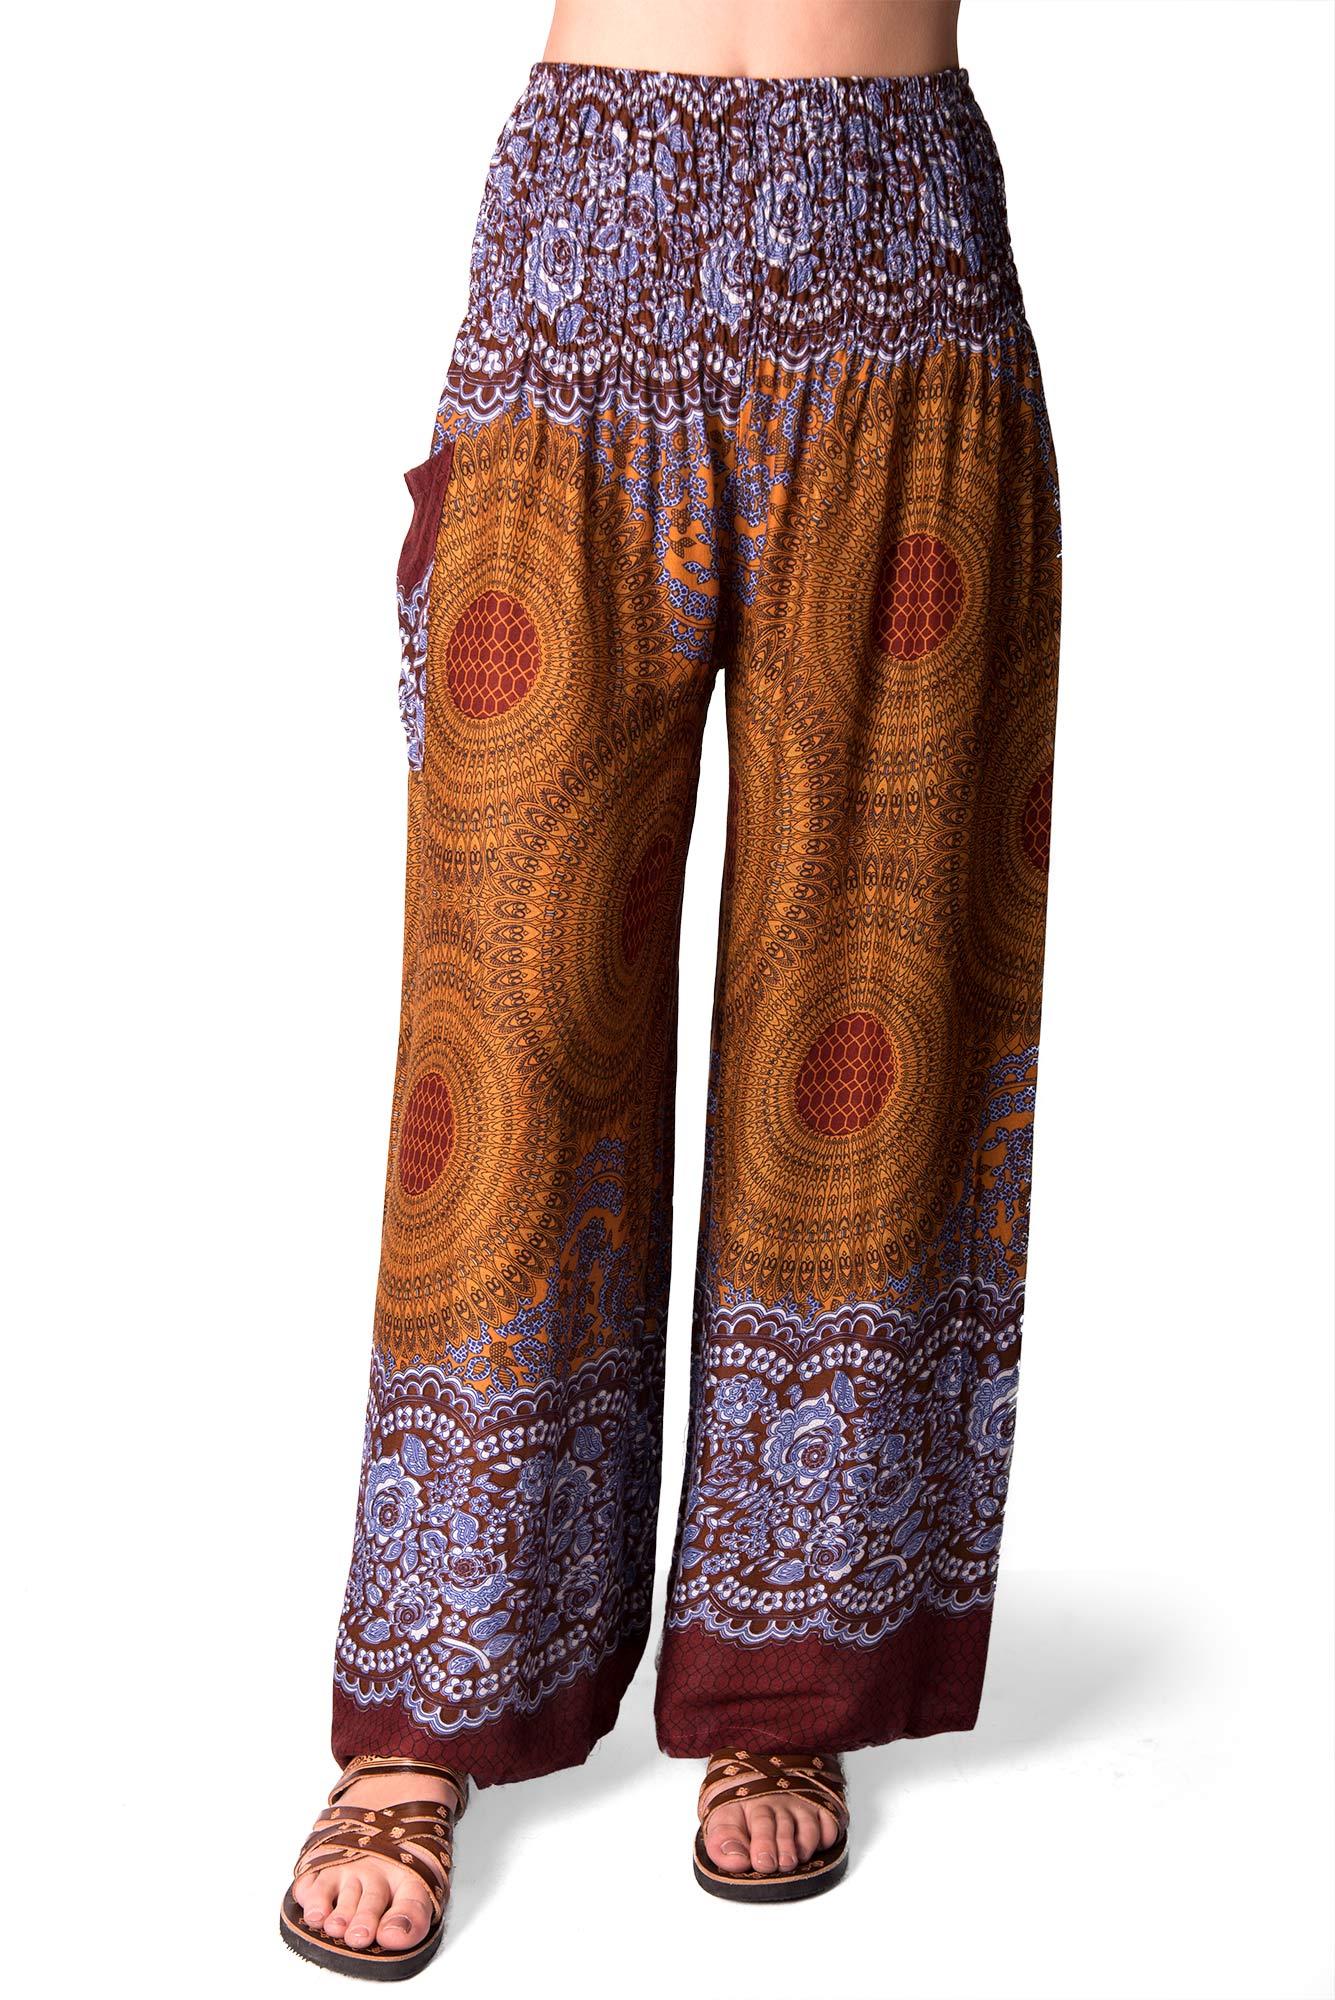 Honeycomb Print Wide Leg Pants - Red